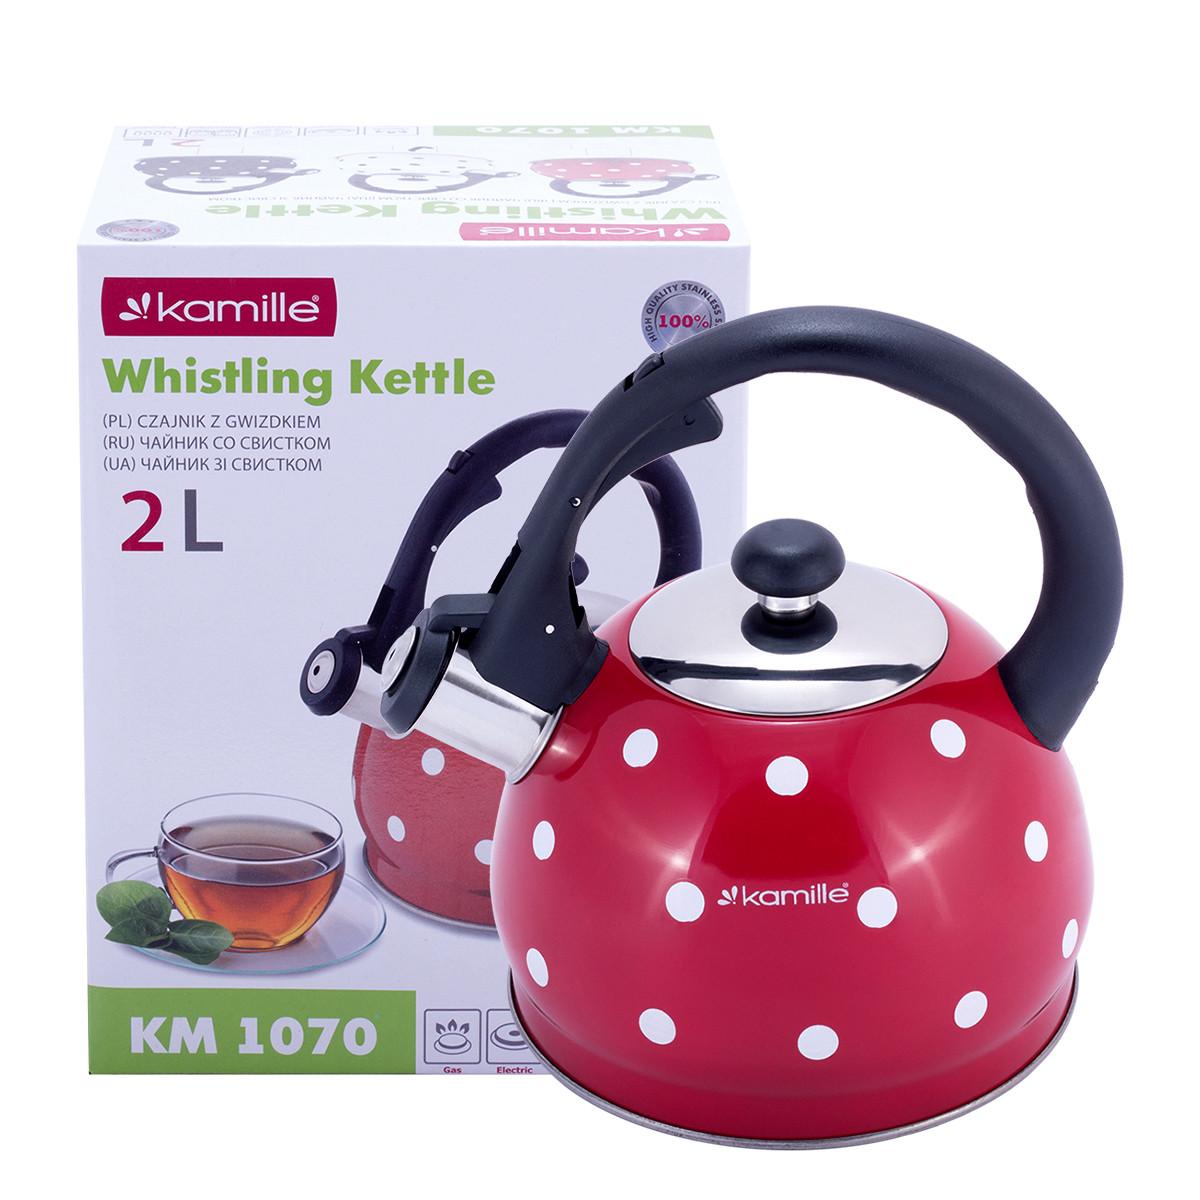 Чайник Kamille Красный 2л из нержавеющей стали со свистком  для индукции и газа KM-1070RD